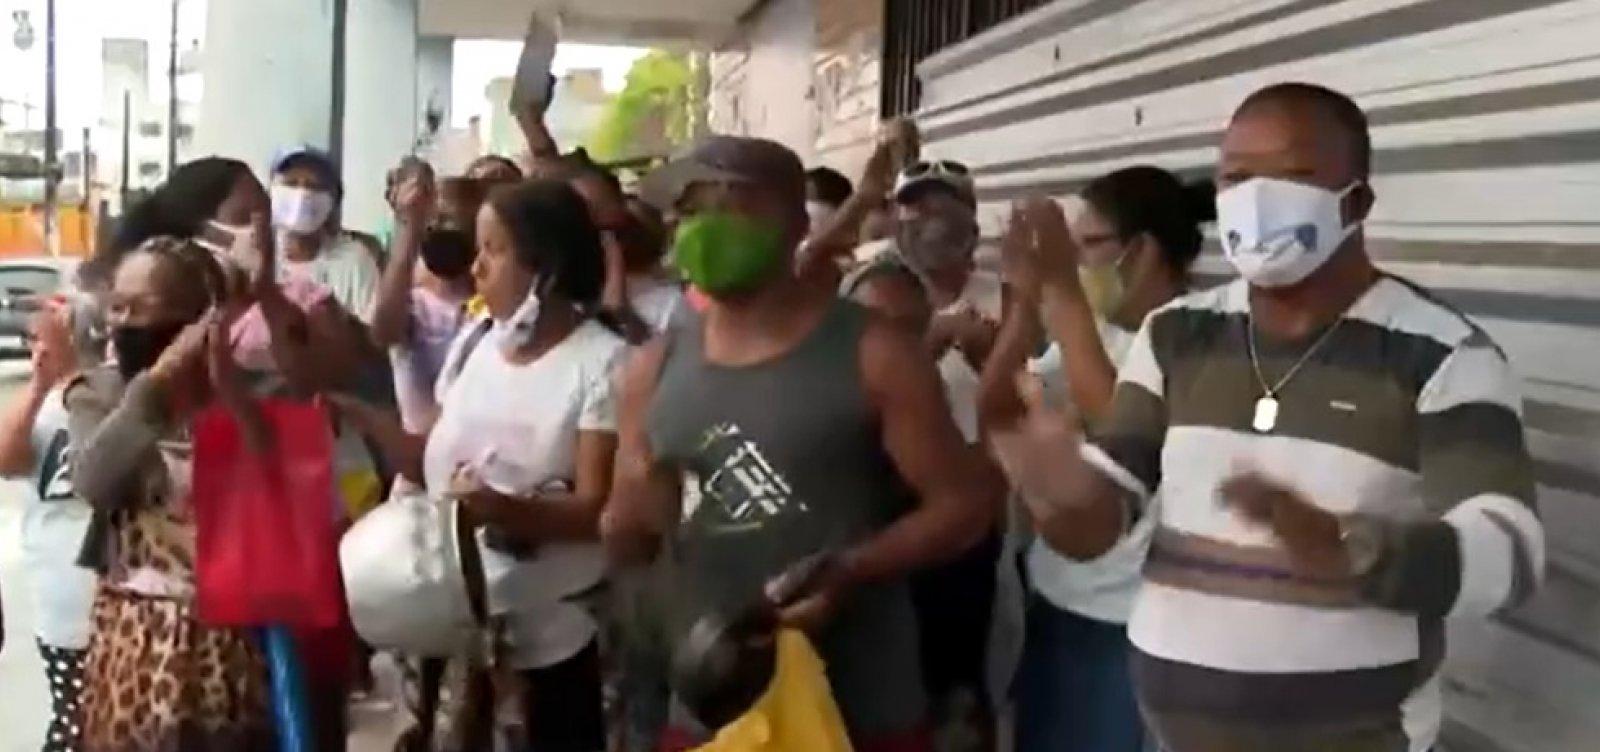 Marisqueiros e pescadores fazem protesto e pedem retorno dos trens no subúrbio